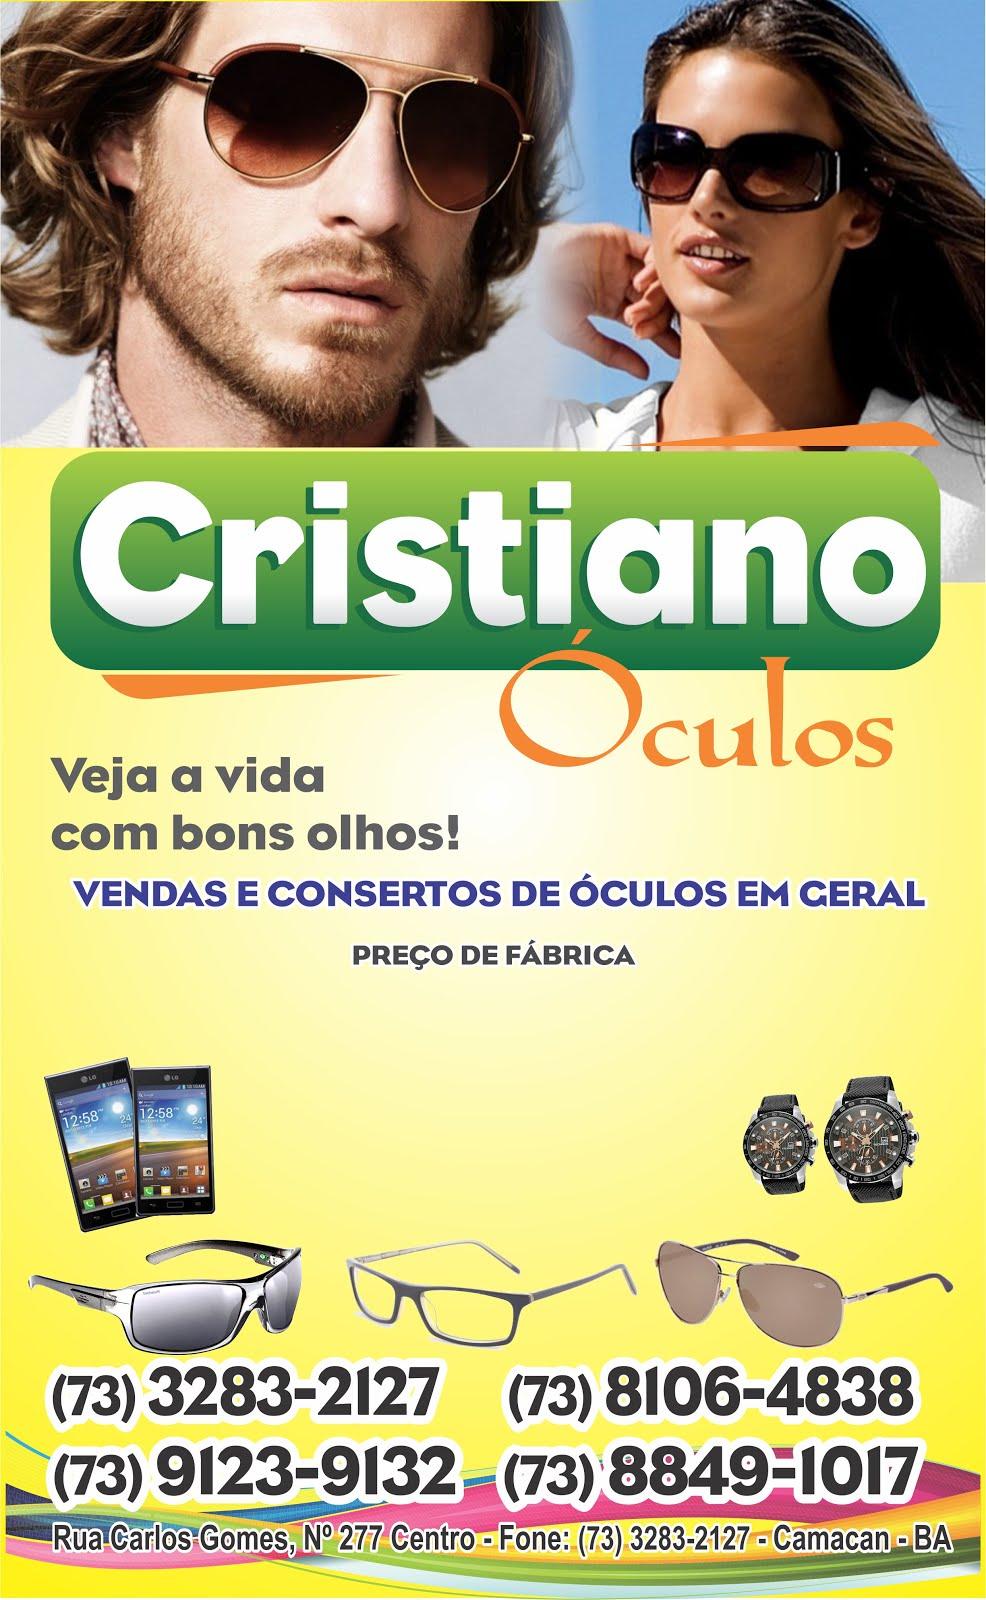 Cristiano óculos-Veja a vida com bons olhos! Loja em Camacan e atendimento na região